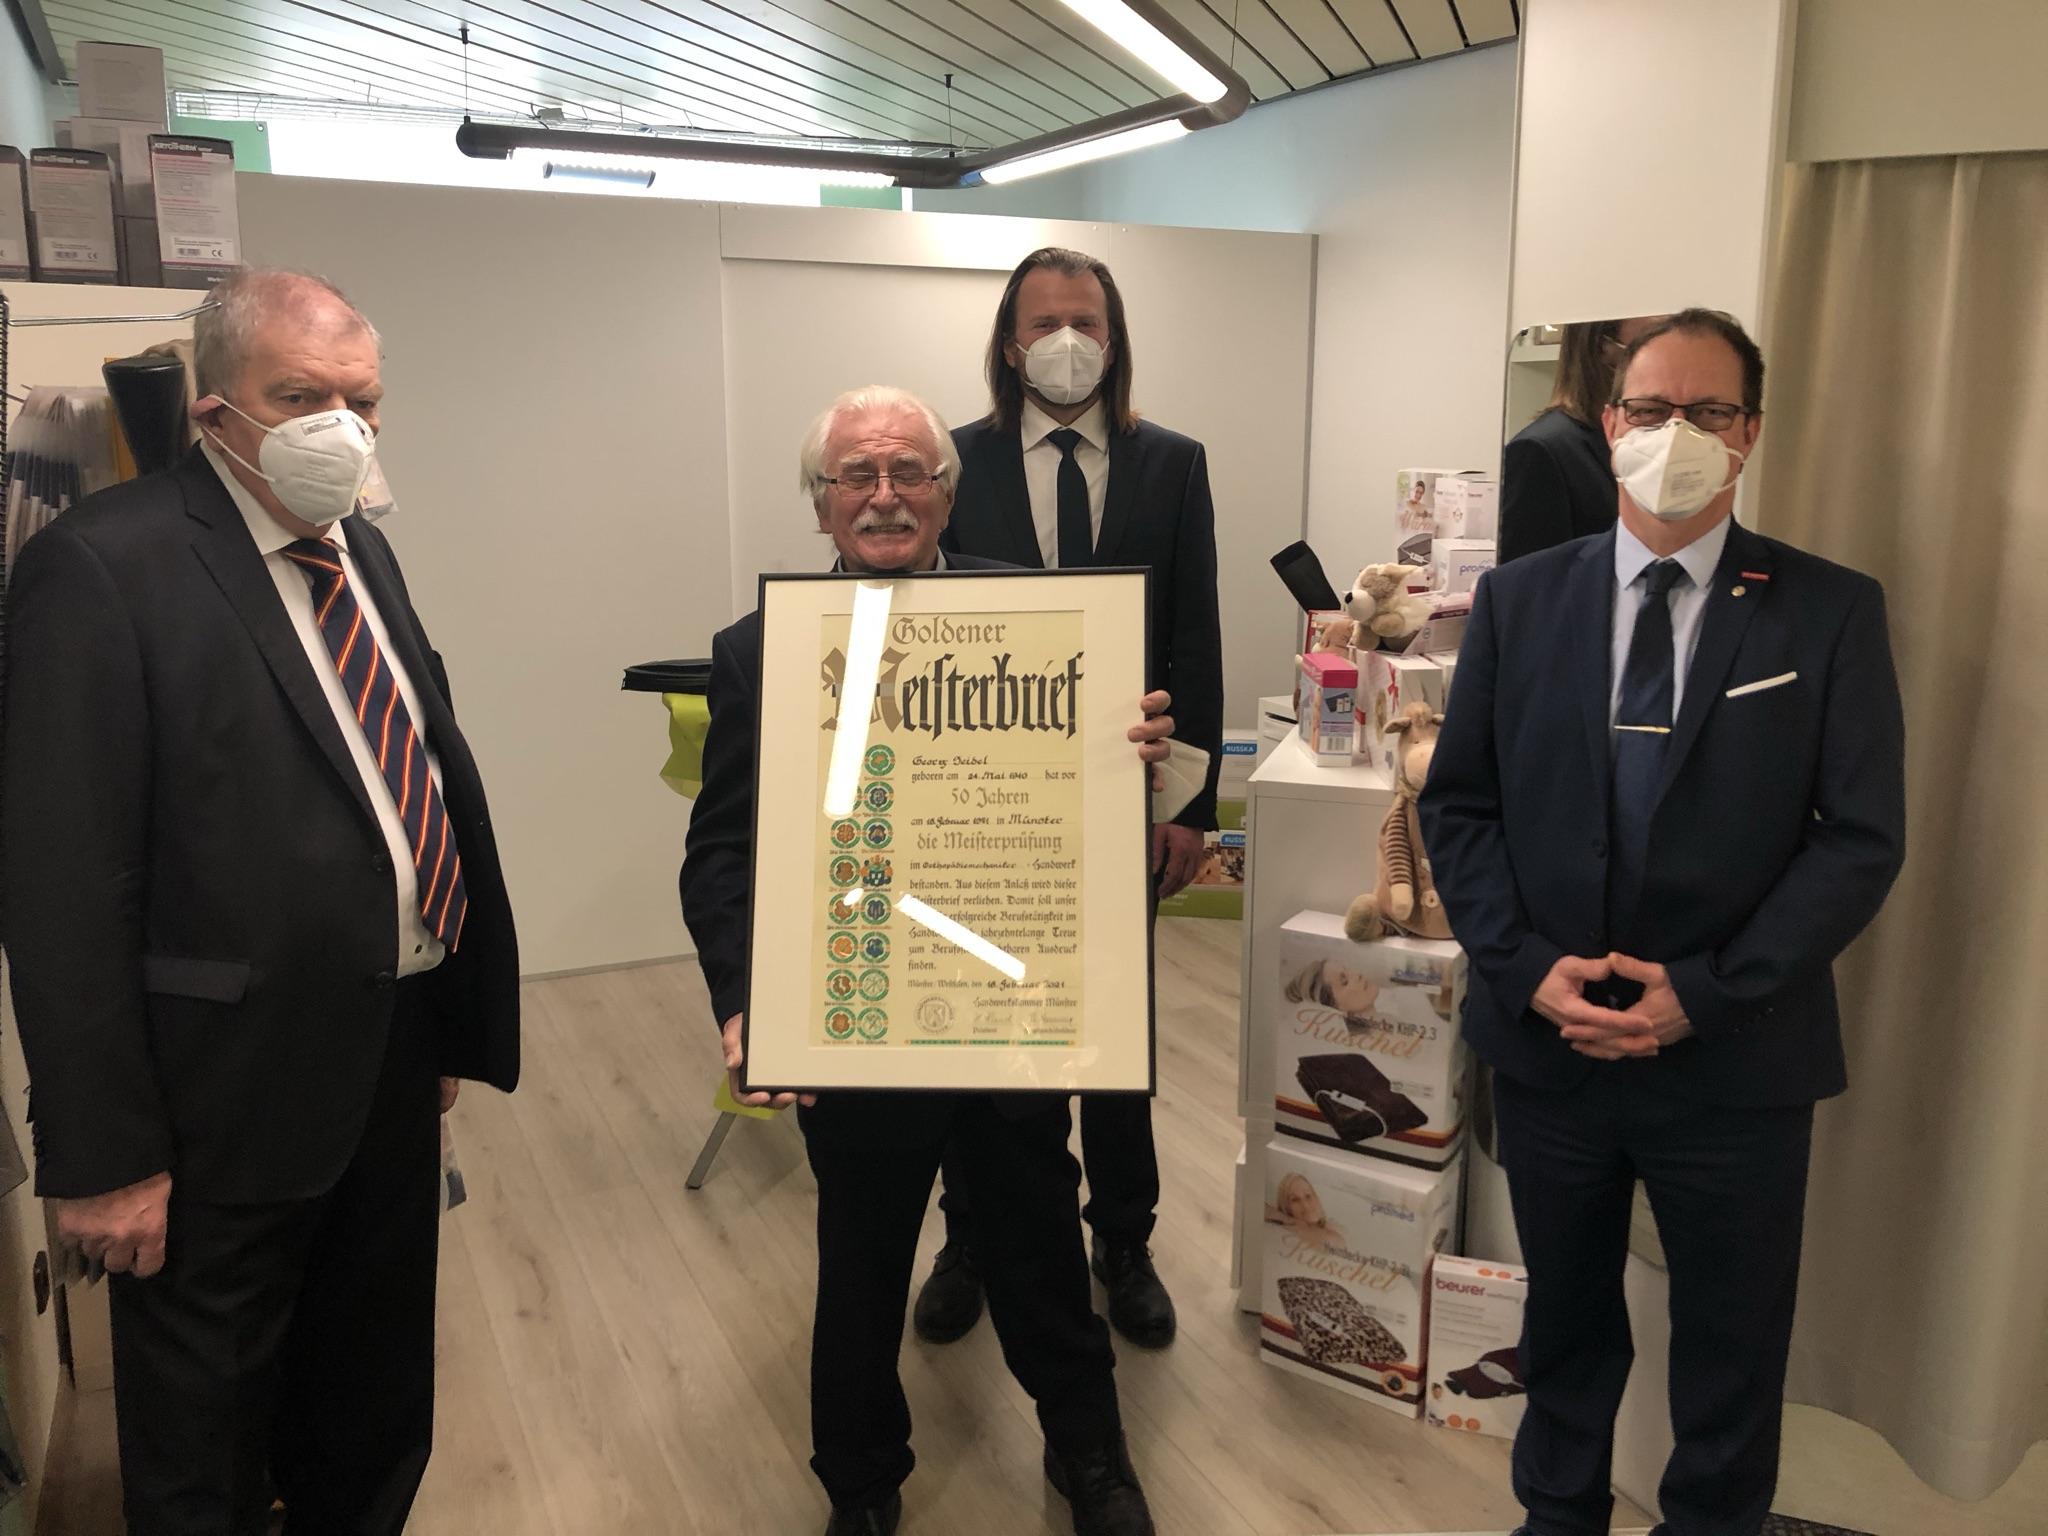 v.l.: Rainer Graf (Bundesinnungsverband für Orthopädietechnik), Georg Seidel, Renee Seidel, Thomas Hölker (1. Vorsitzender Landesarbeitsgemeinschaft für Orthopädietechnik in NRW)